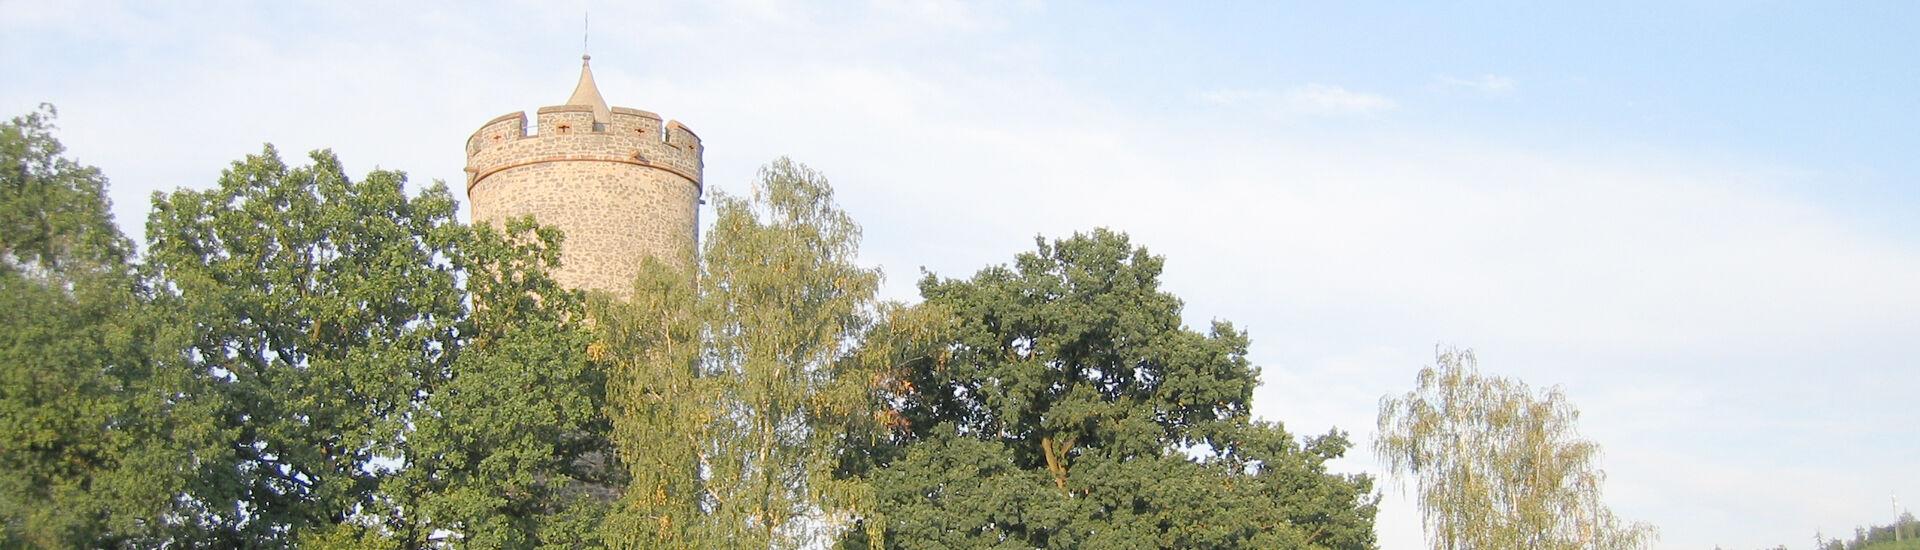 Zeltlagerplatz Burgruine Lißbeg